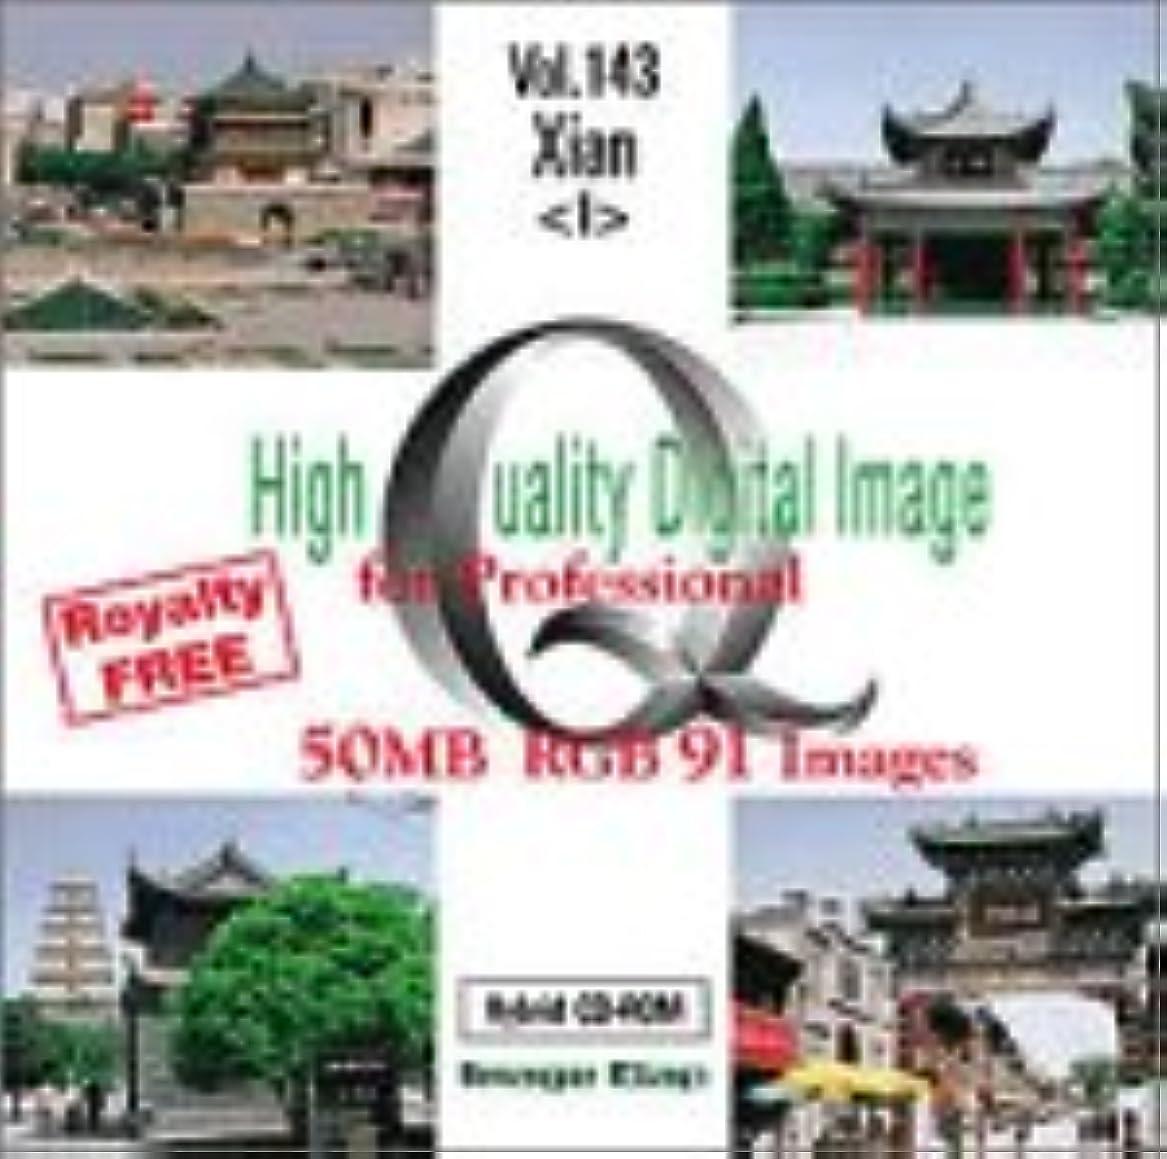 引退する自動好きHigh Quality Digital Image 西安 <1> <中国>